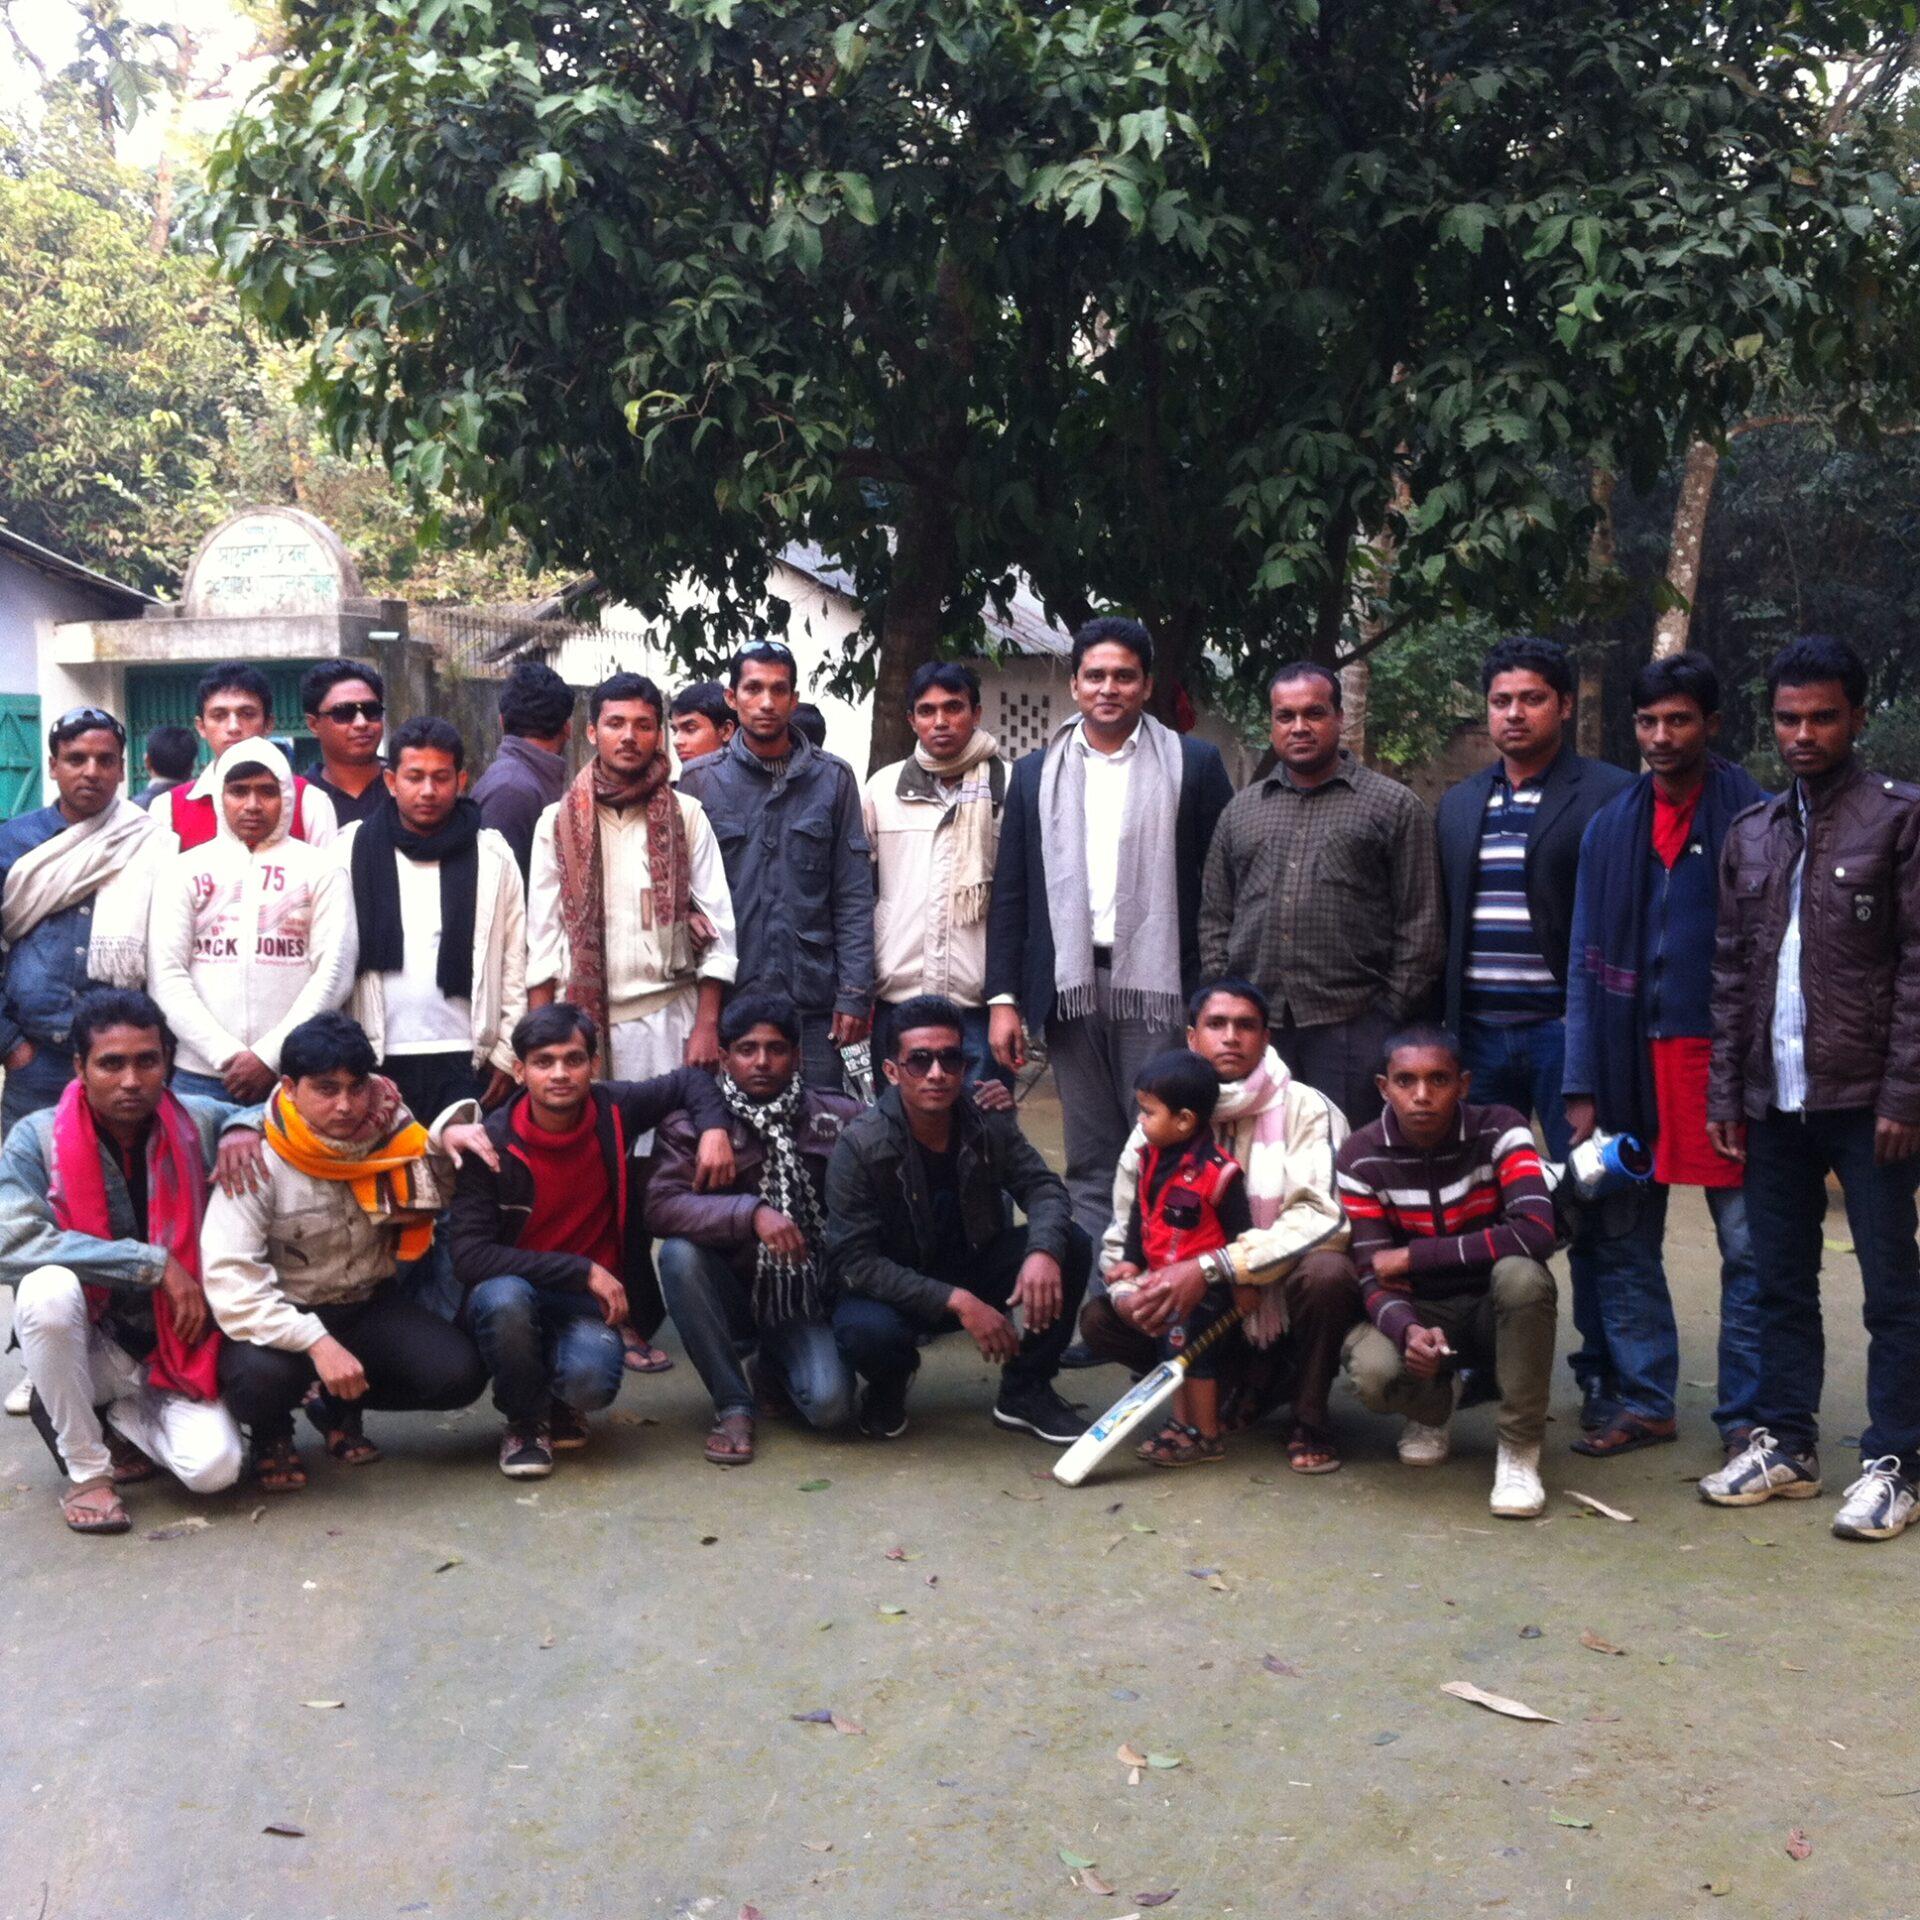 দশম জাতিয় সংসদ নির্বাচন - চাঁদপুর ইউনিয়নের, রামচন্দ্রপুর গ্রামের কর্মীদের সাথে   10th National Campaign- with workers of Ramchandrapur Village of Chandpur Union